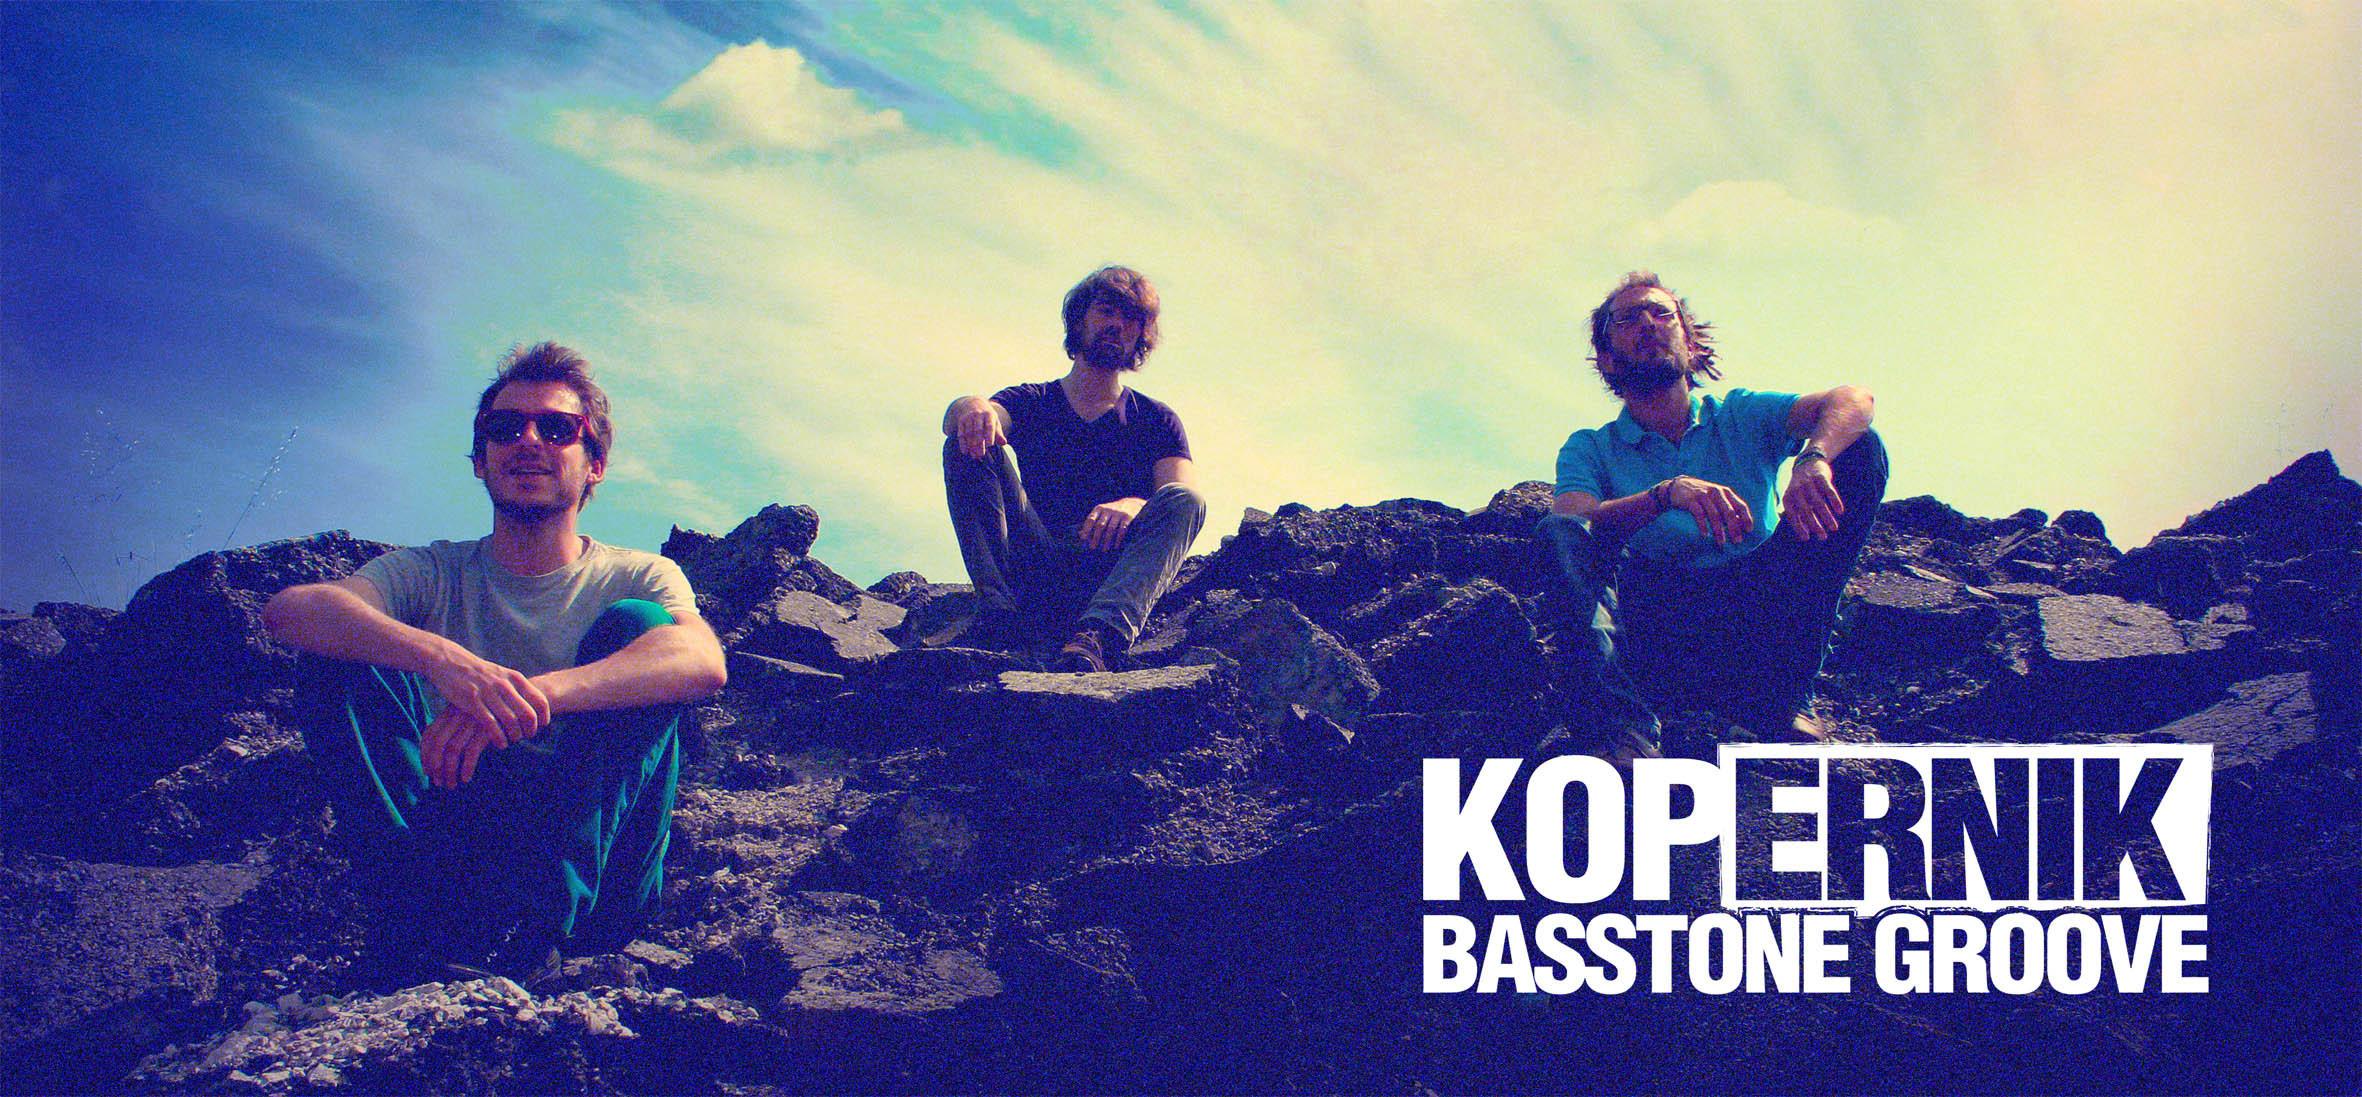 Les membres du groupe assis sur des rochés, Kopernik qui vient en concert au café-concert Le Centre à Saint Nazaire